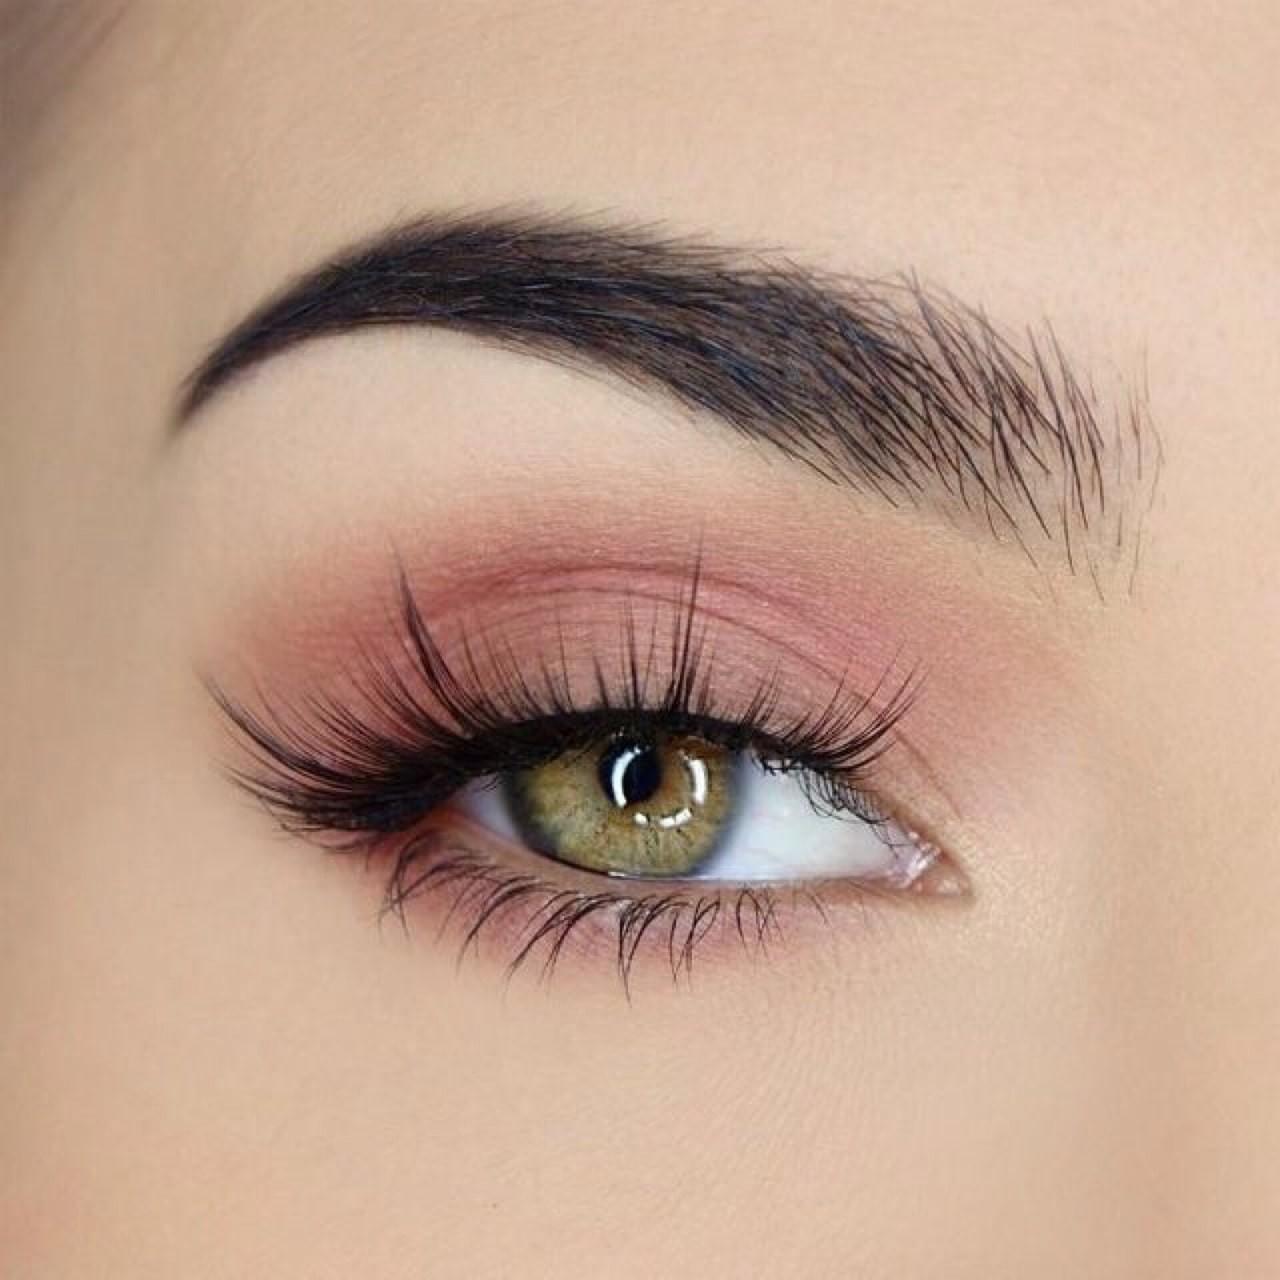 close up of womans eye, with nude eyeshadow and false eyelashes.